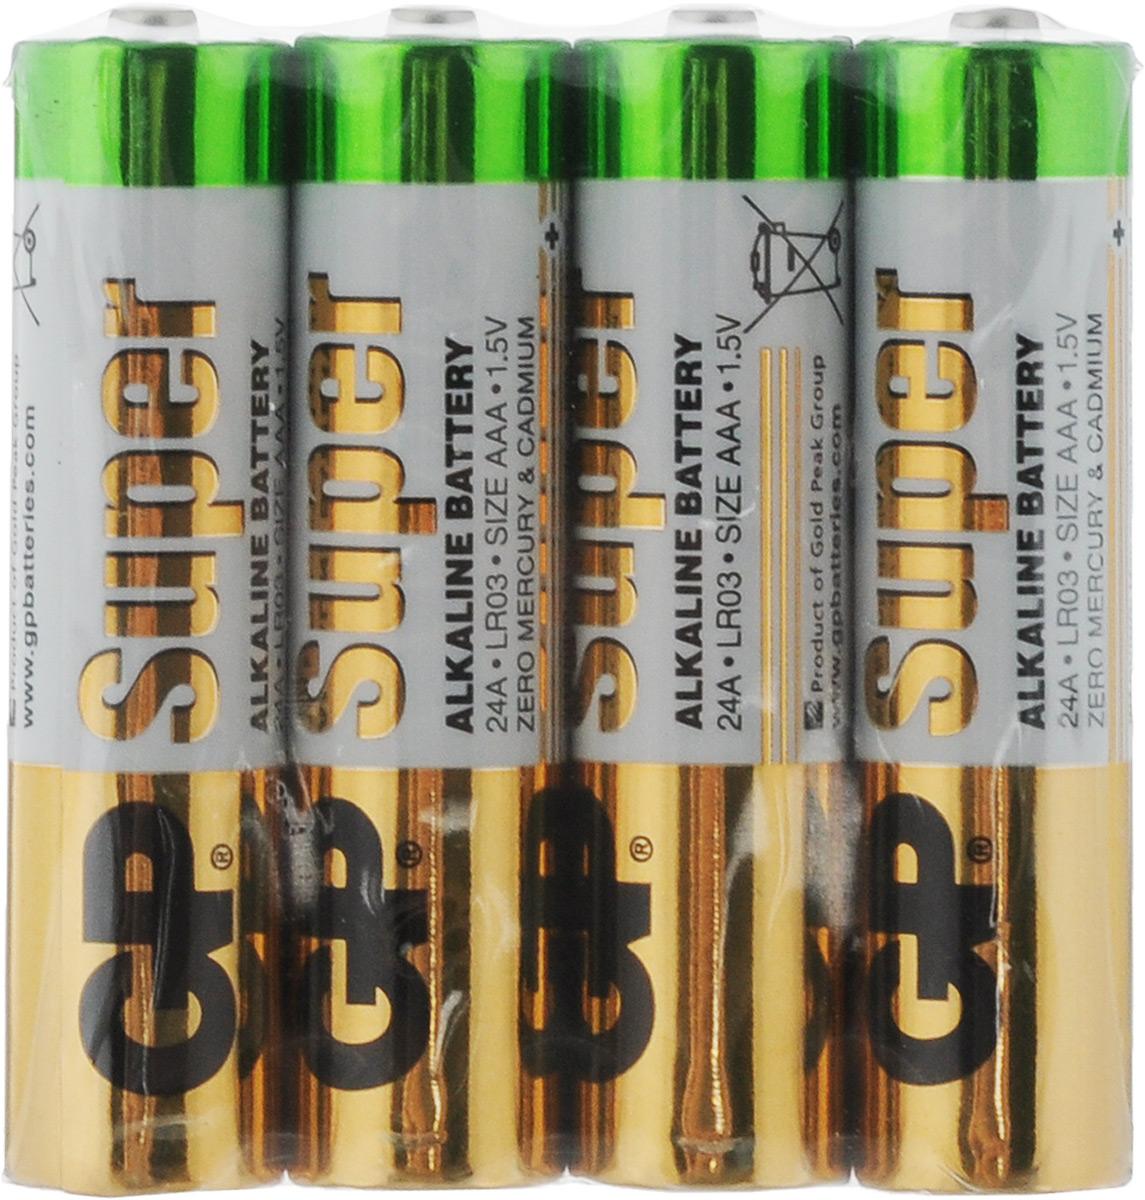 Набор алкалиновых батареек GP Super Alkaline, тип ААA (LR03), 1,5V, 4 шт2915_24ARS-2SB4Щелочные (алкалиновые) батарейки GP Super Alkaline оптимально подходят для повседневного питания множества современных бытовых приборов: электронных игрушек, фонарей, беспроводной компьютерной периферии и многого другого. Не содержат кадмия и ртути. Батарейки созданы для устройств со средним и высоким потреблением энергии. Работают в 10 раз дольше, чем обычные солевые элементы питания. В комплект входят 4 батарейки. Размер батарейки: 1,4 х 4,3 см.